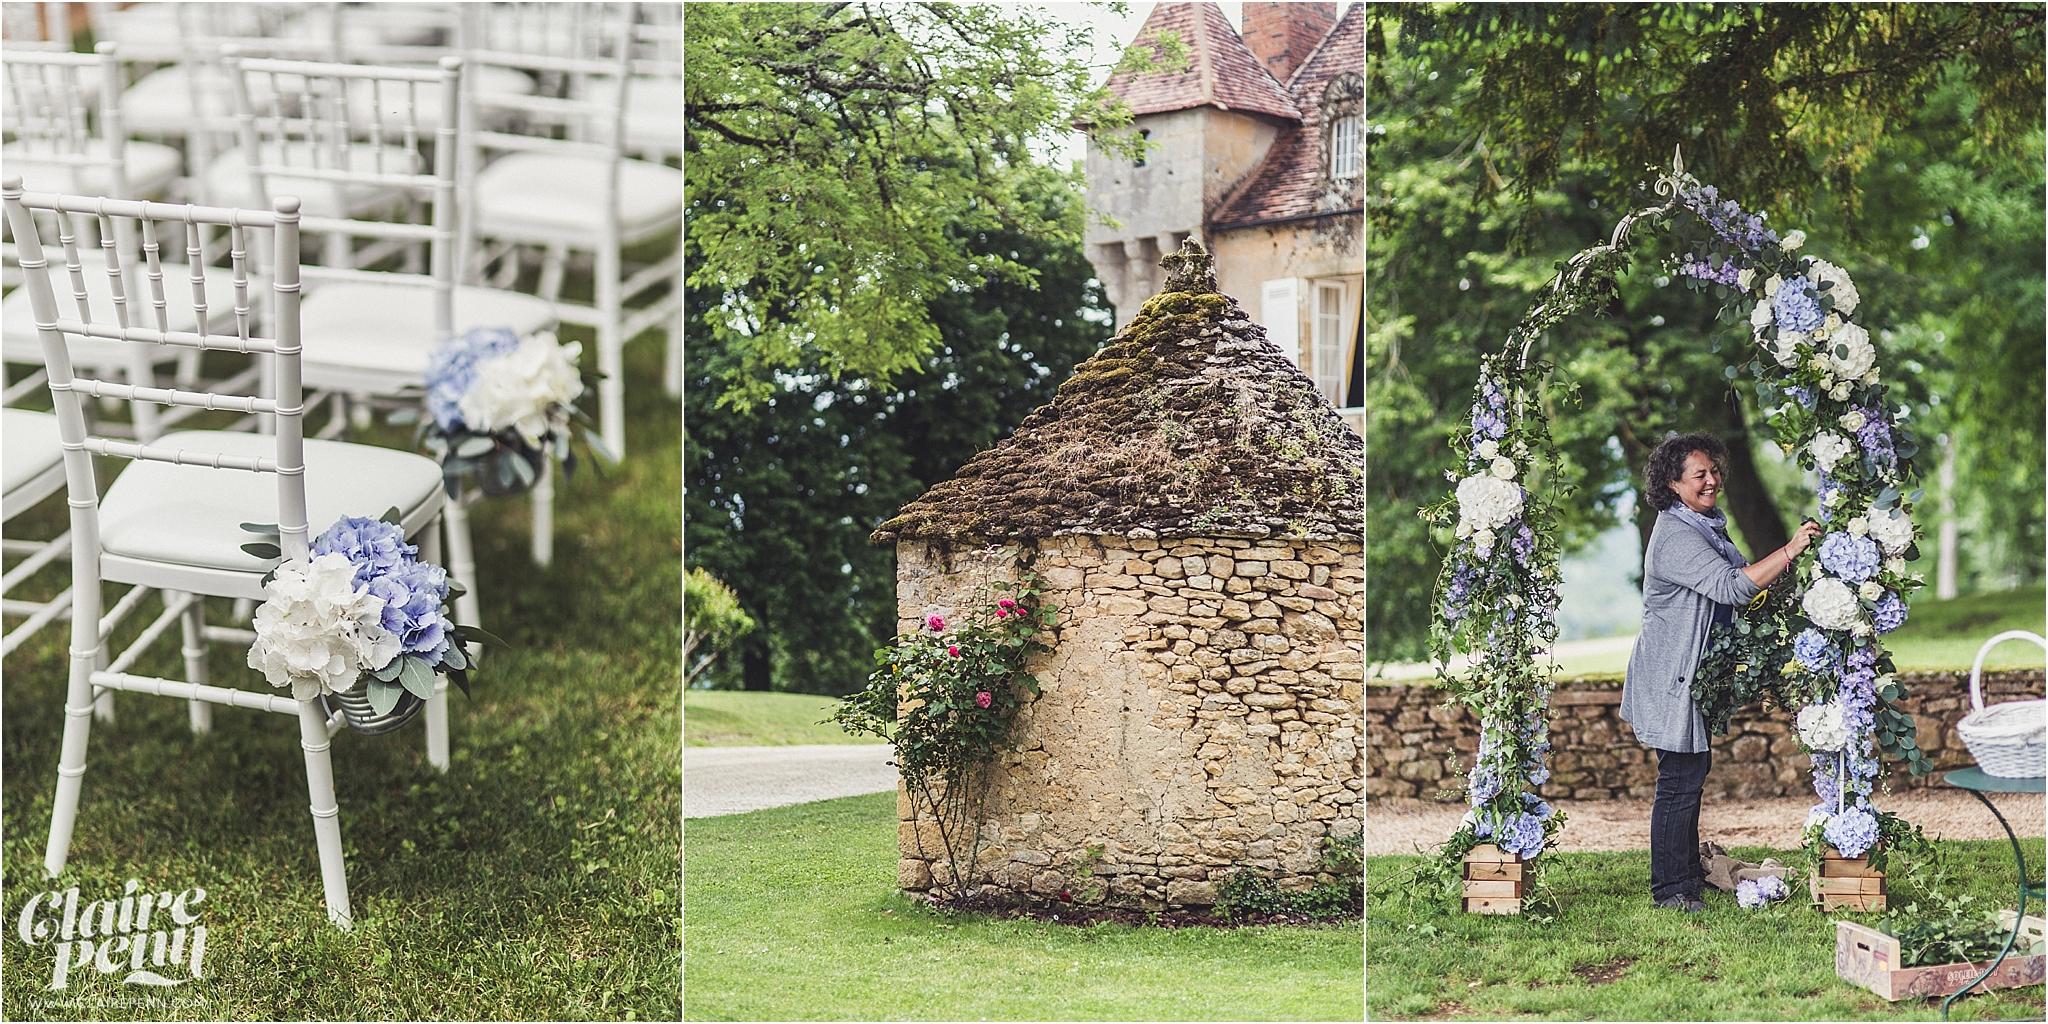 Fairytale Chateau wedding Dordogne 00010.jpg